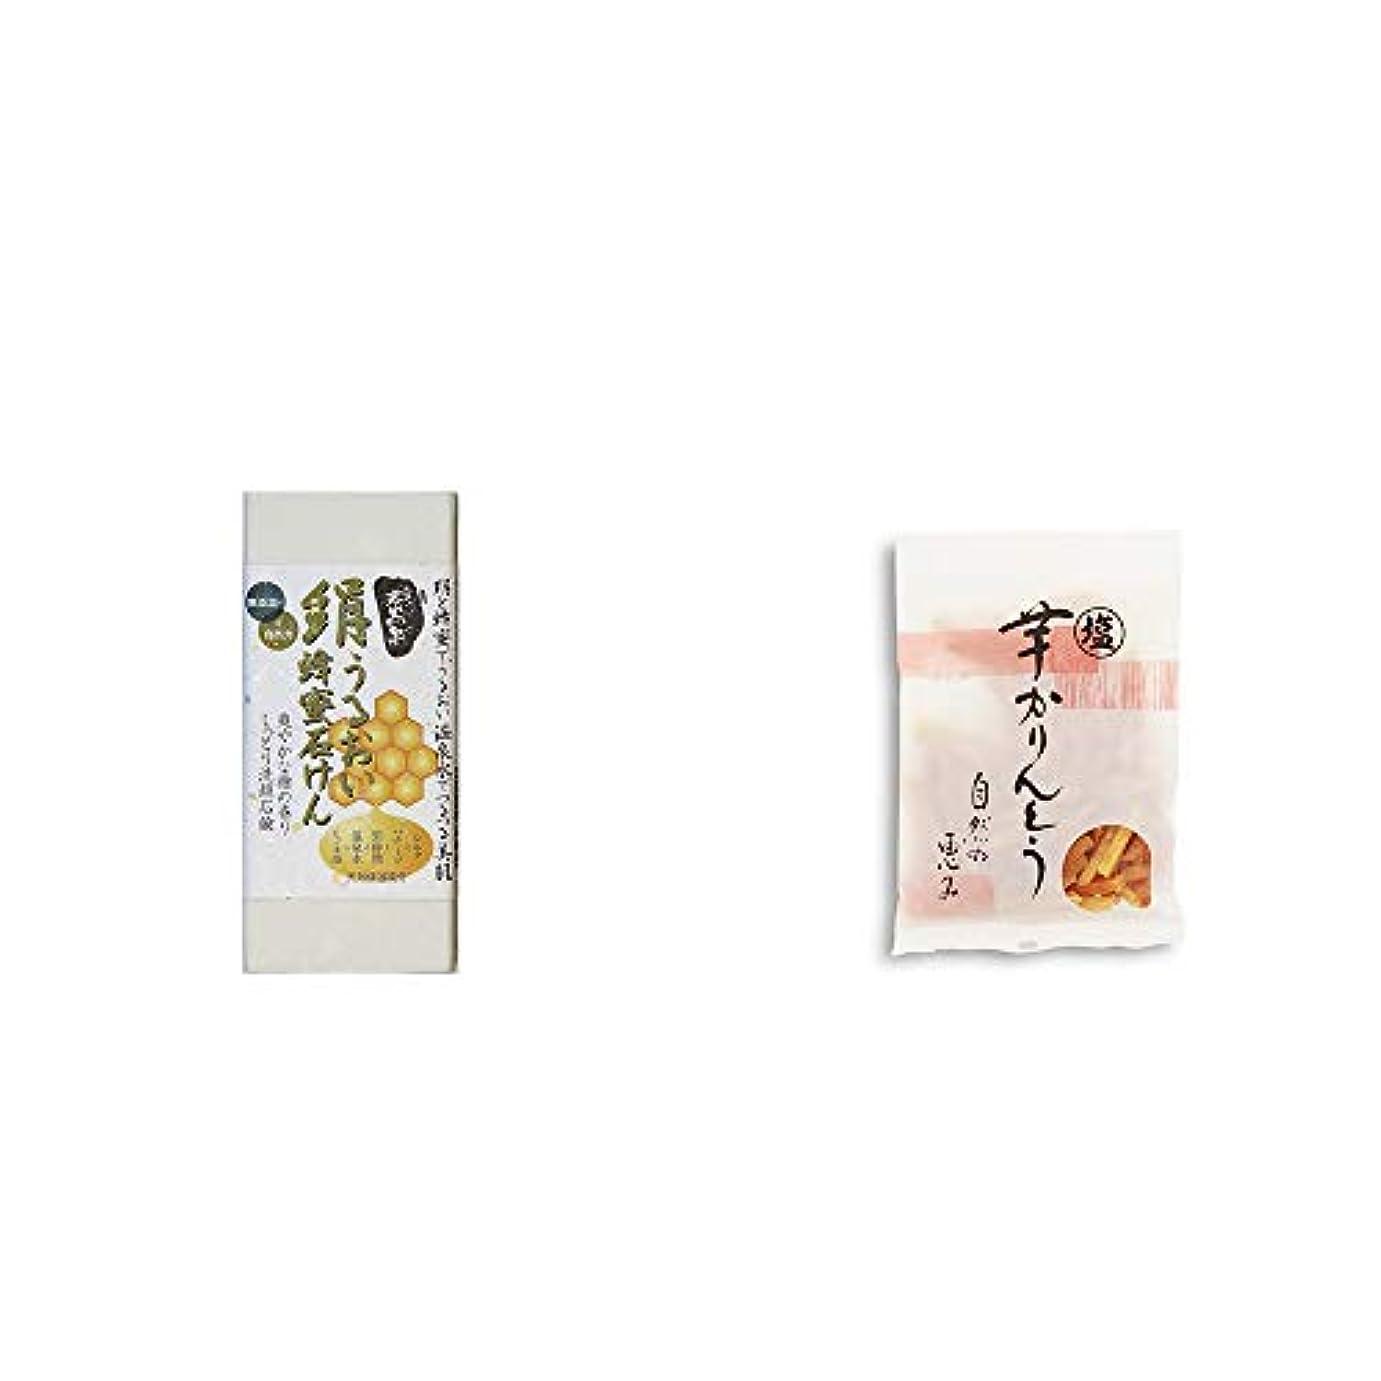 リーズきゅうり補助[2点セット] ひのき炭黒泉 絹うるおい蜂蜜石けん(75g×2)?塩芋かりんとう(150g)